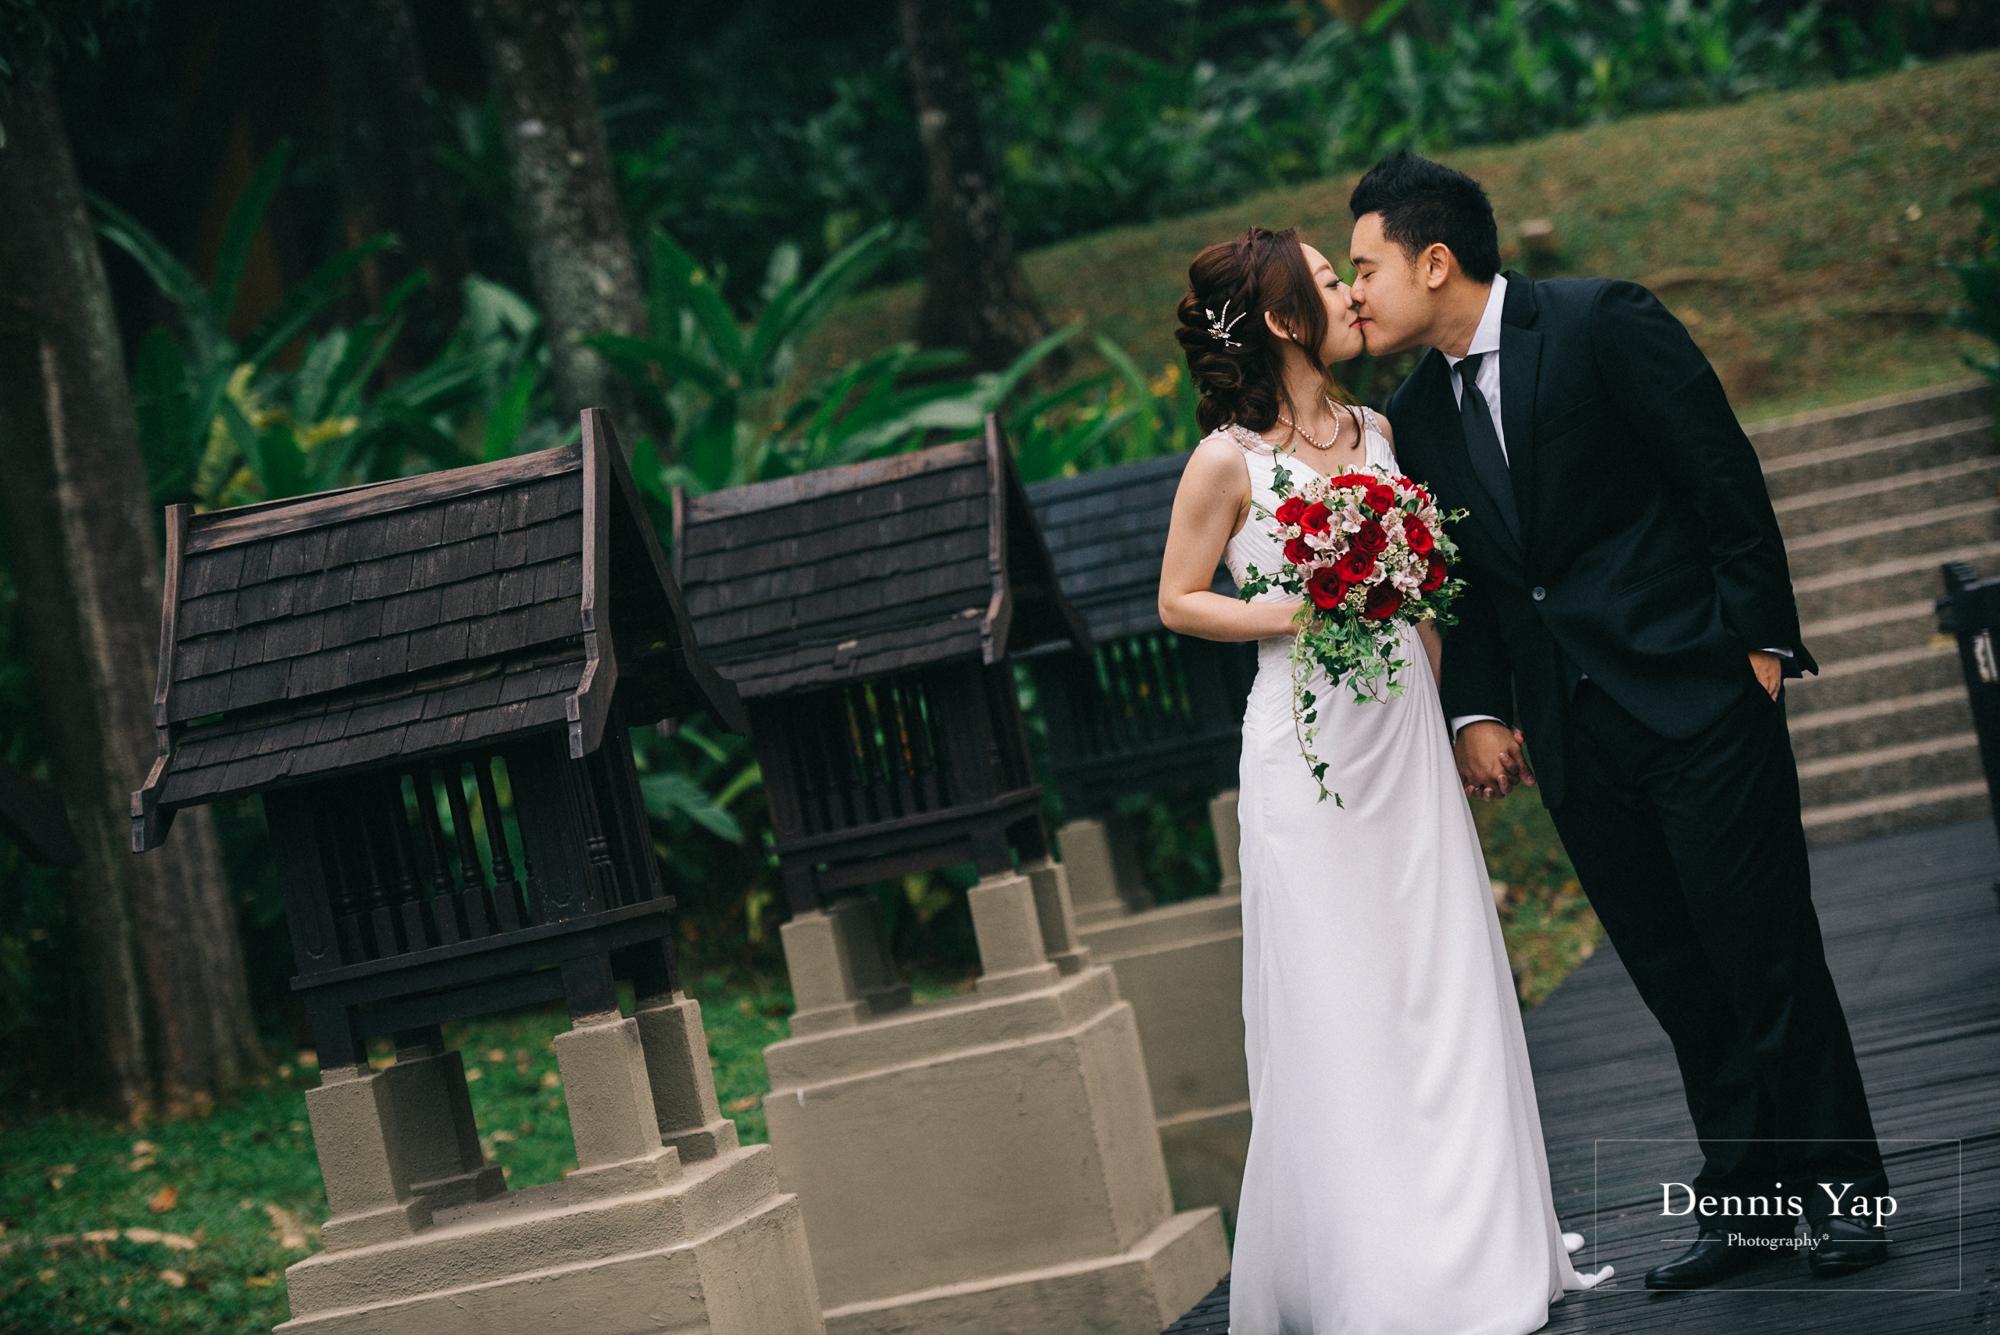 jason su lin rom registration gita bayu serdang wedding reception ceremony dennis yap photography fog malaysia-8.jpg